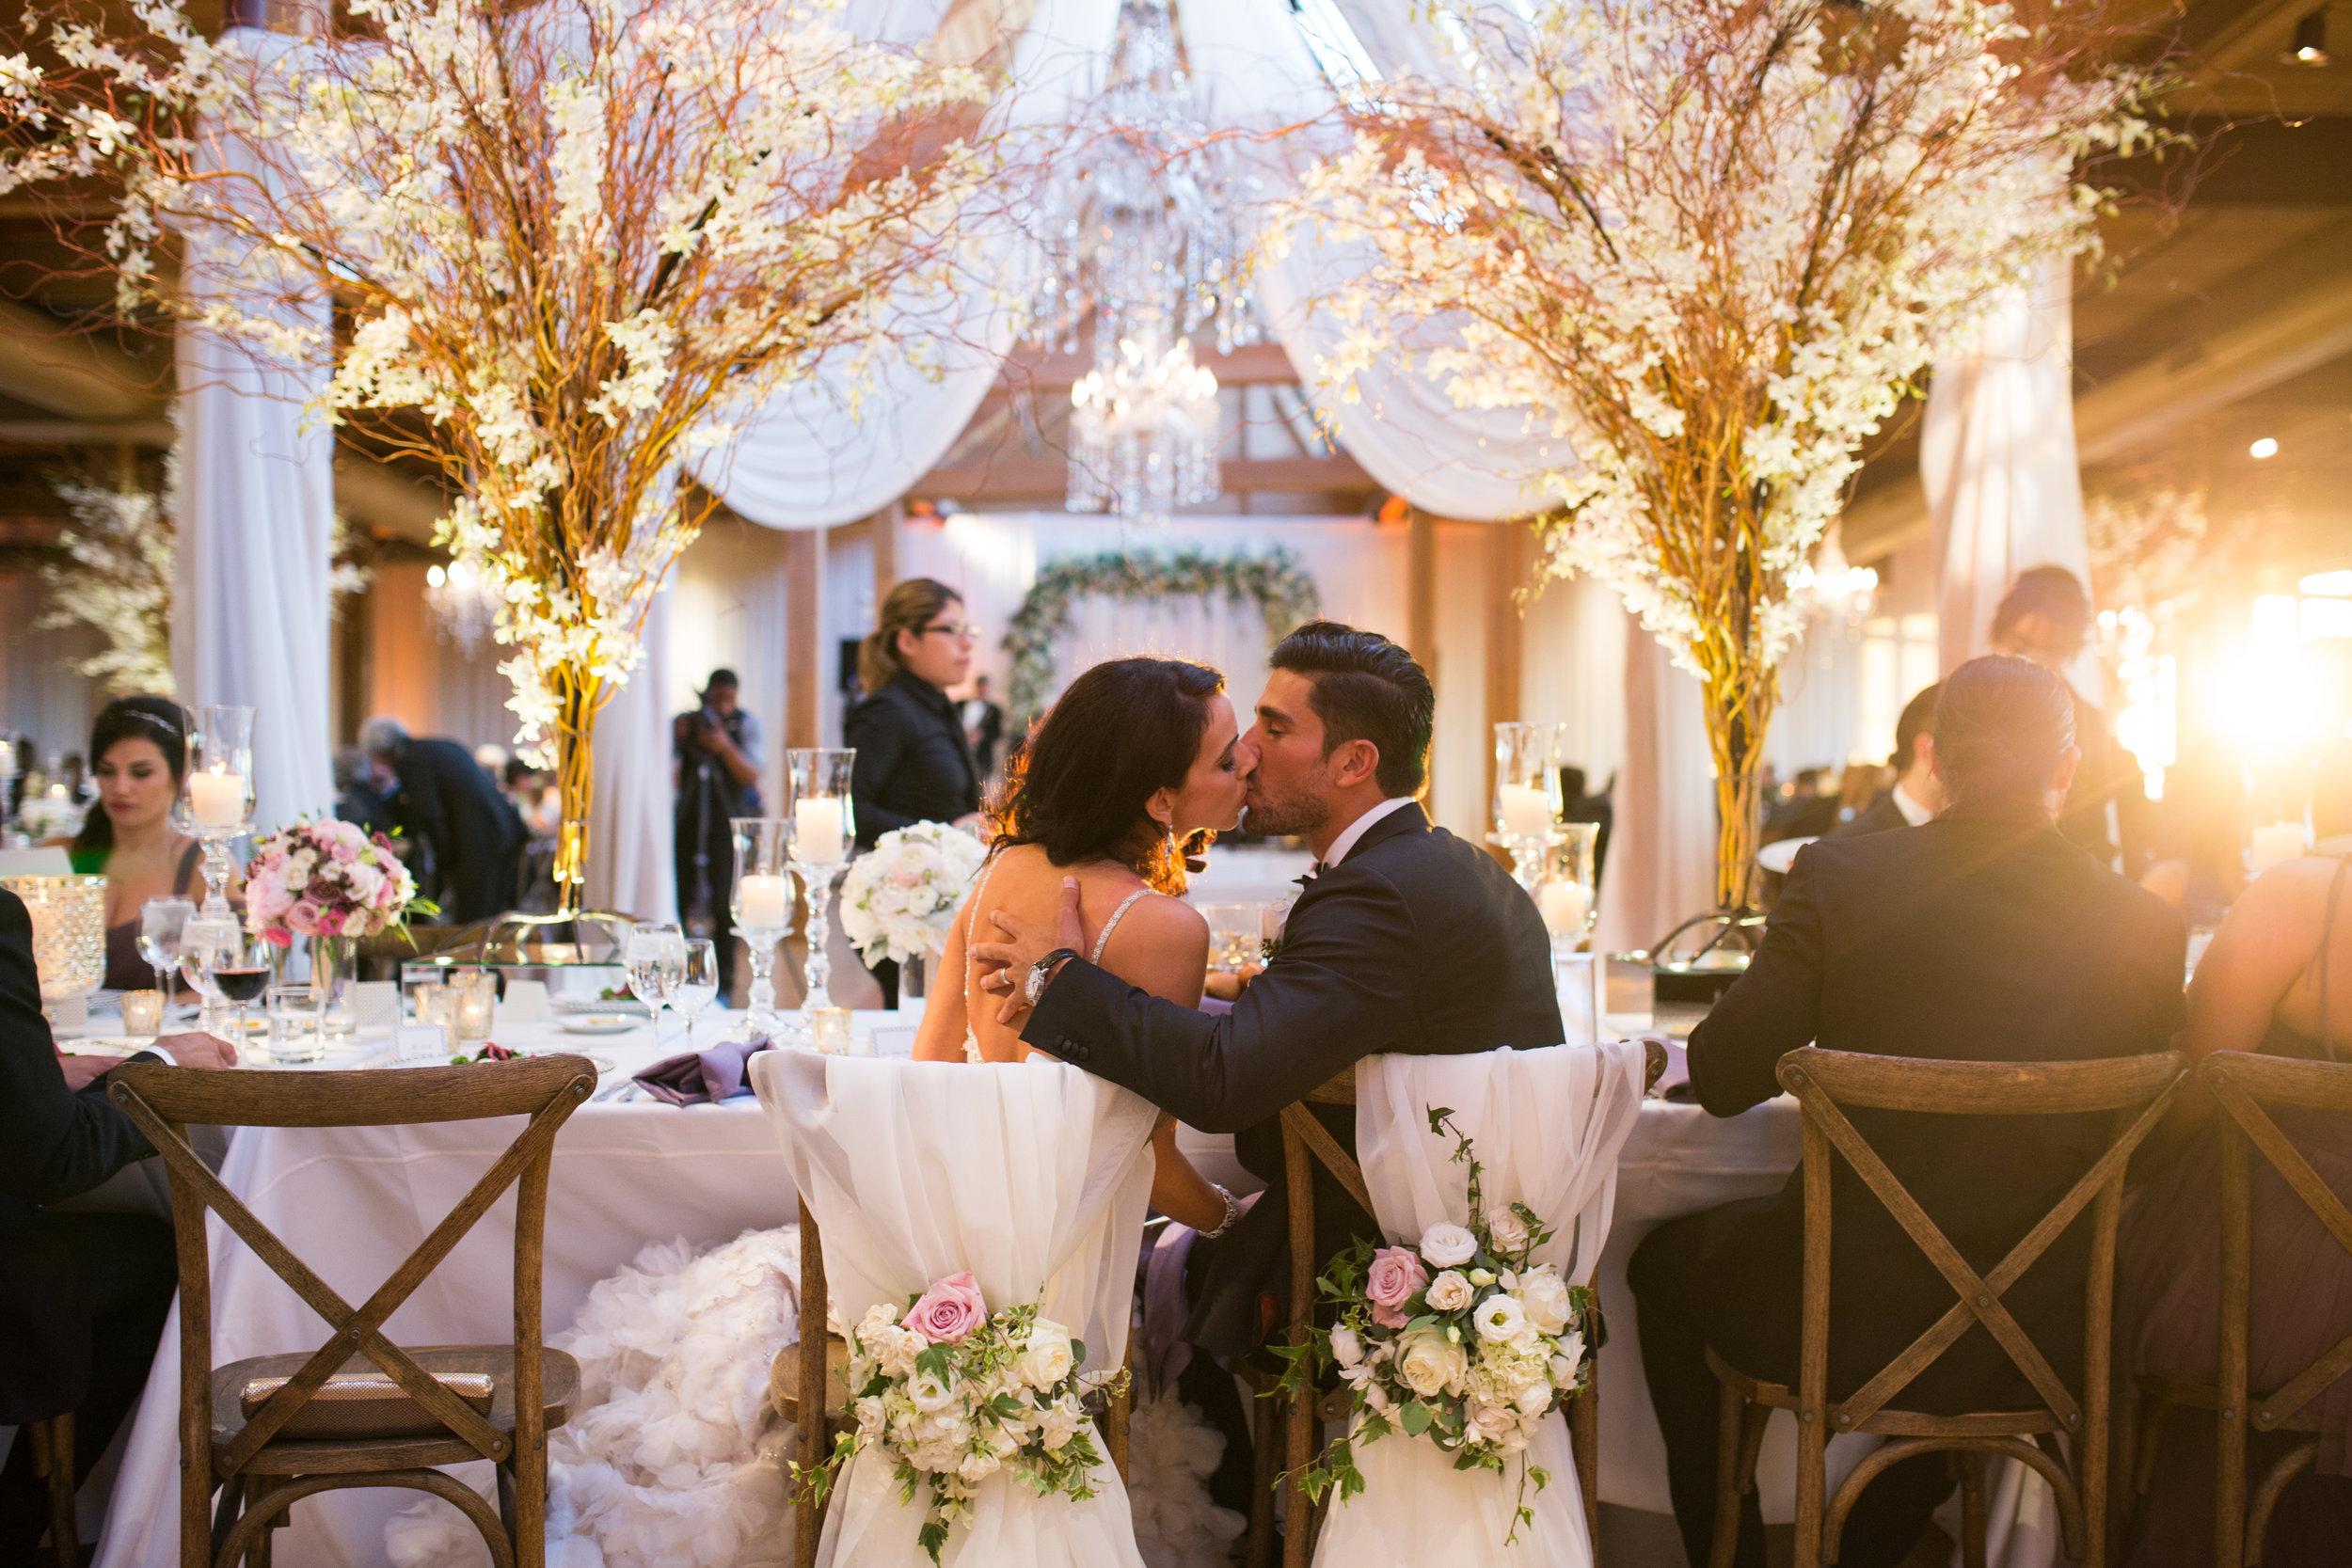 Chicago Rustic Wedding Venues